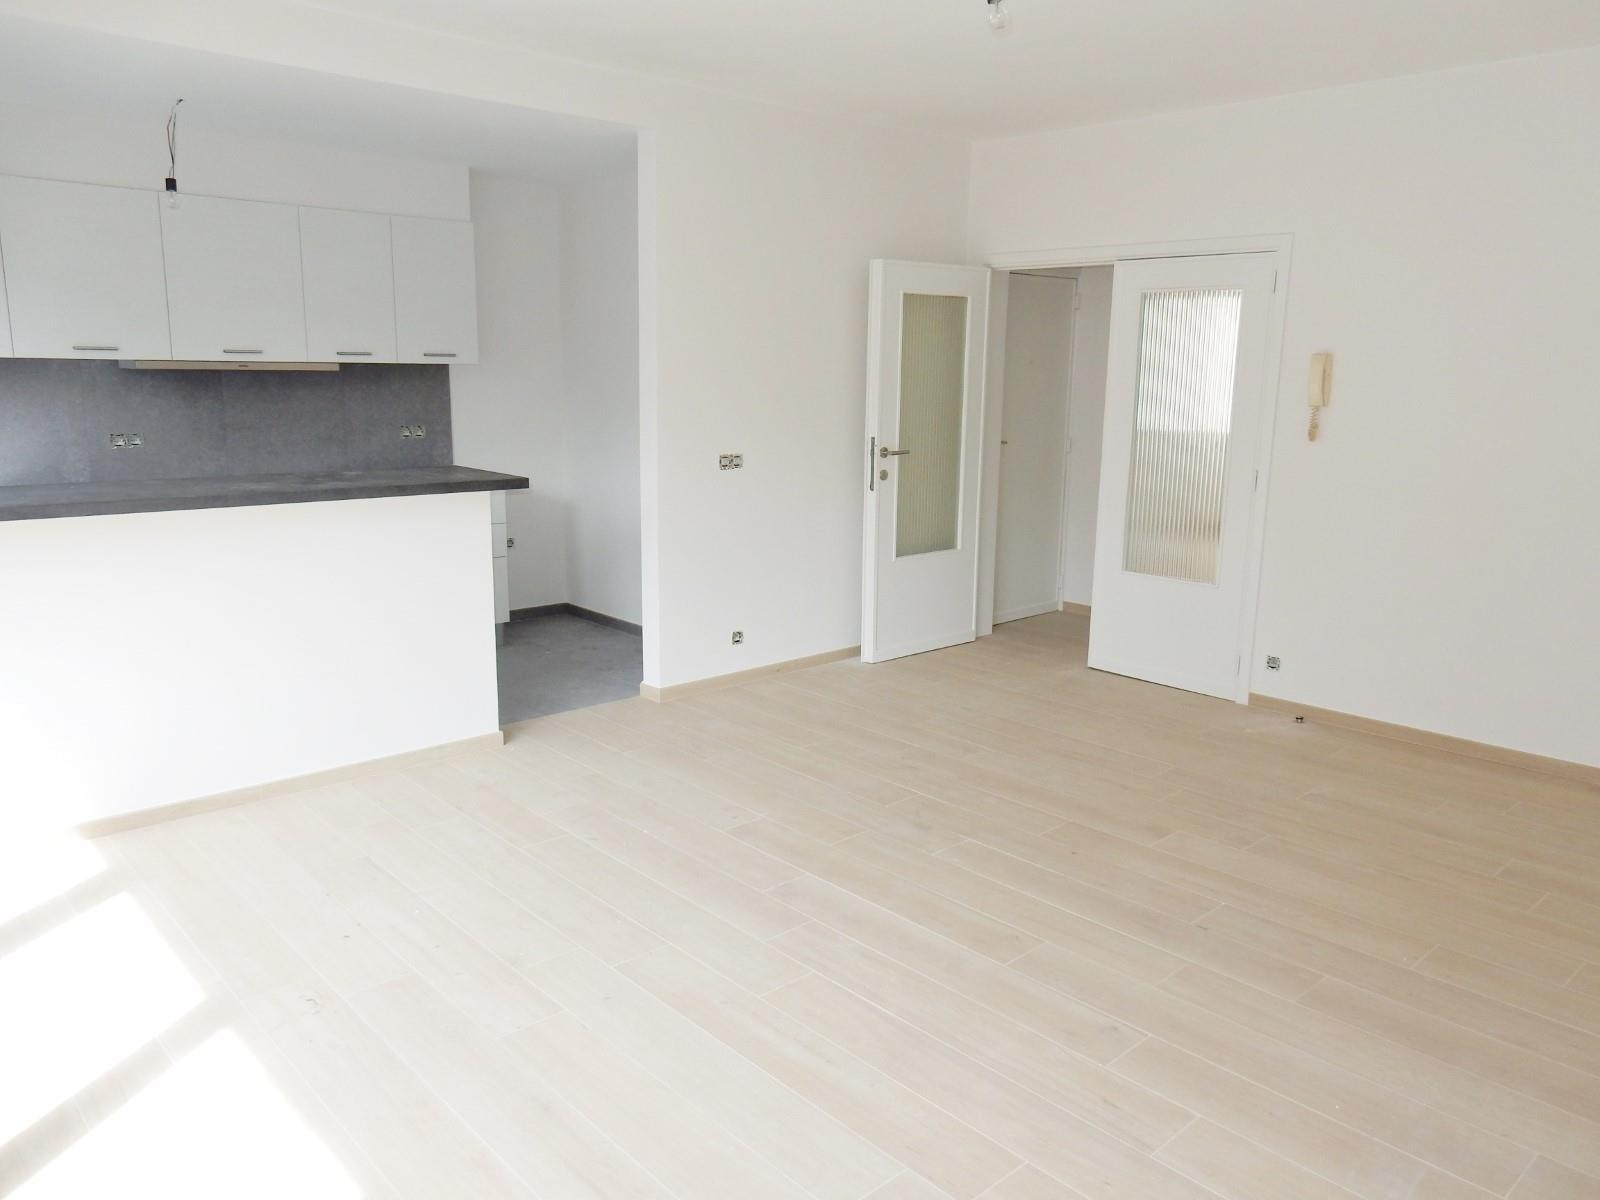 Appartement - Schaarbeek - #3798187-3